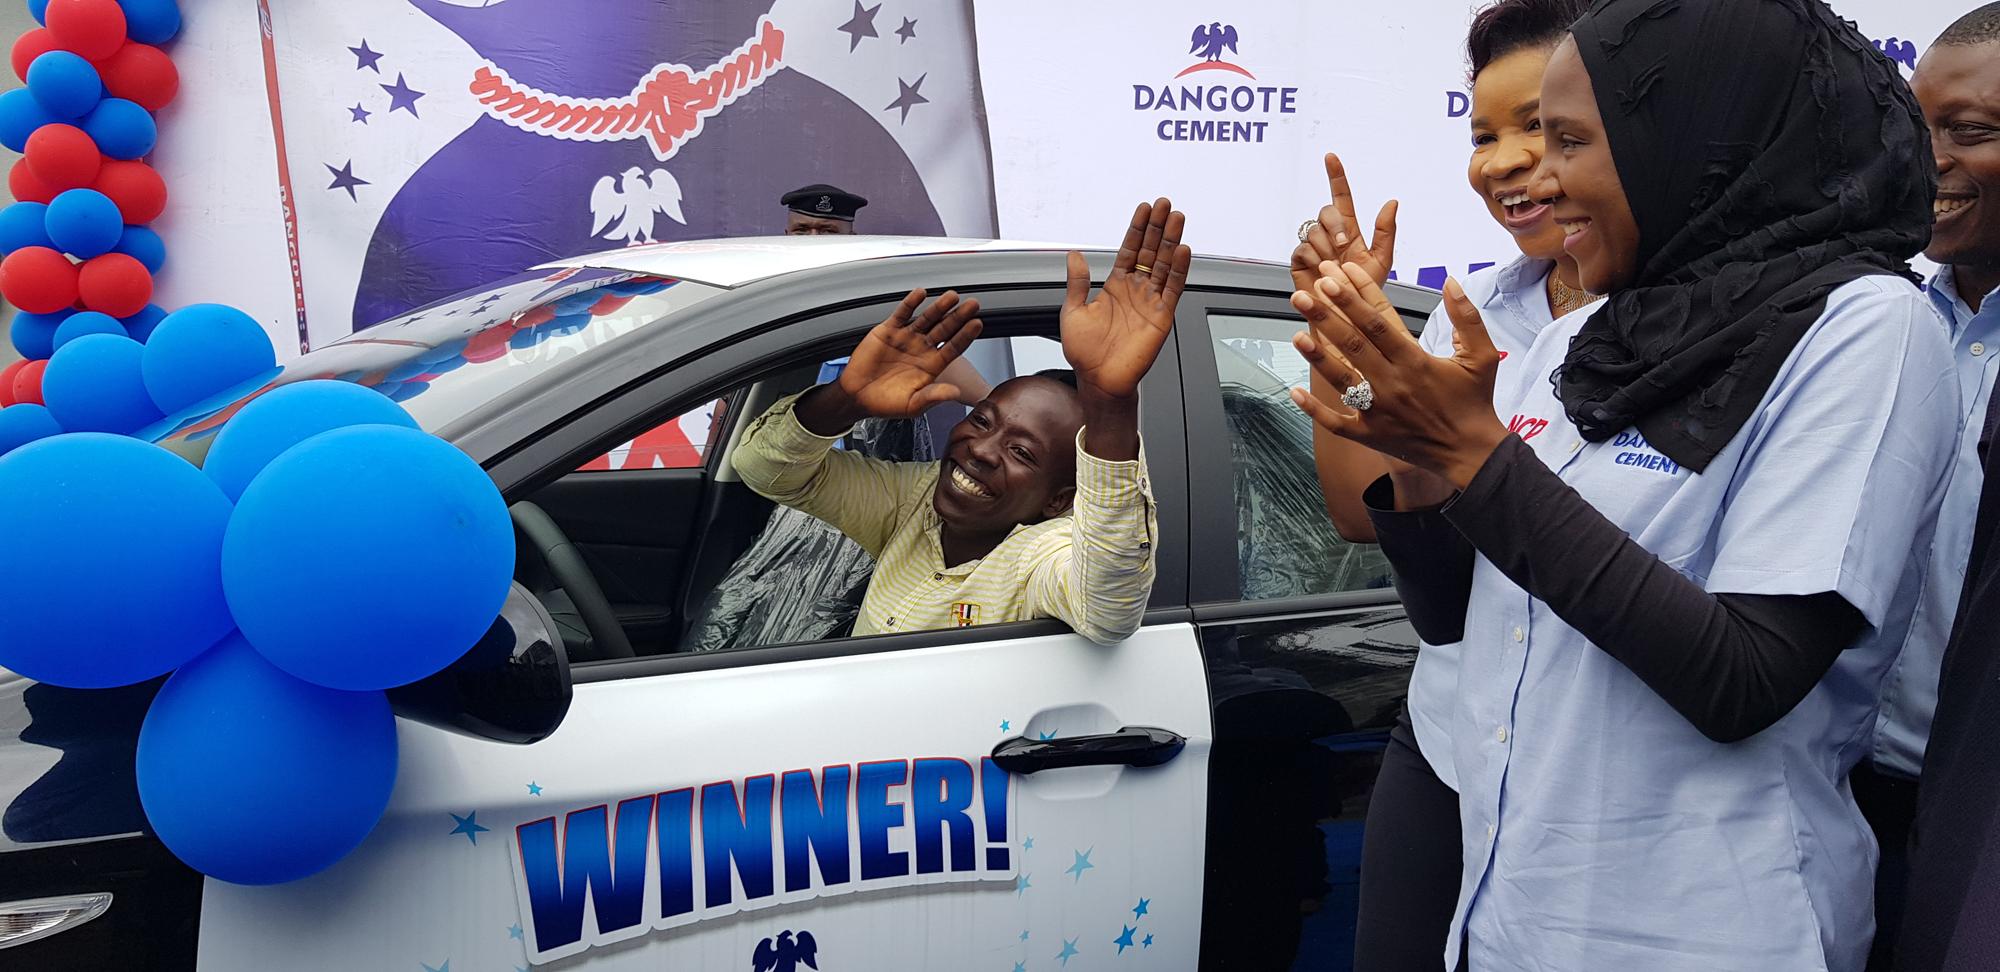 Dangote Cement commences promo to produce 1,000 Nigerian millionaires